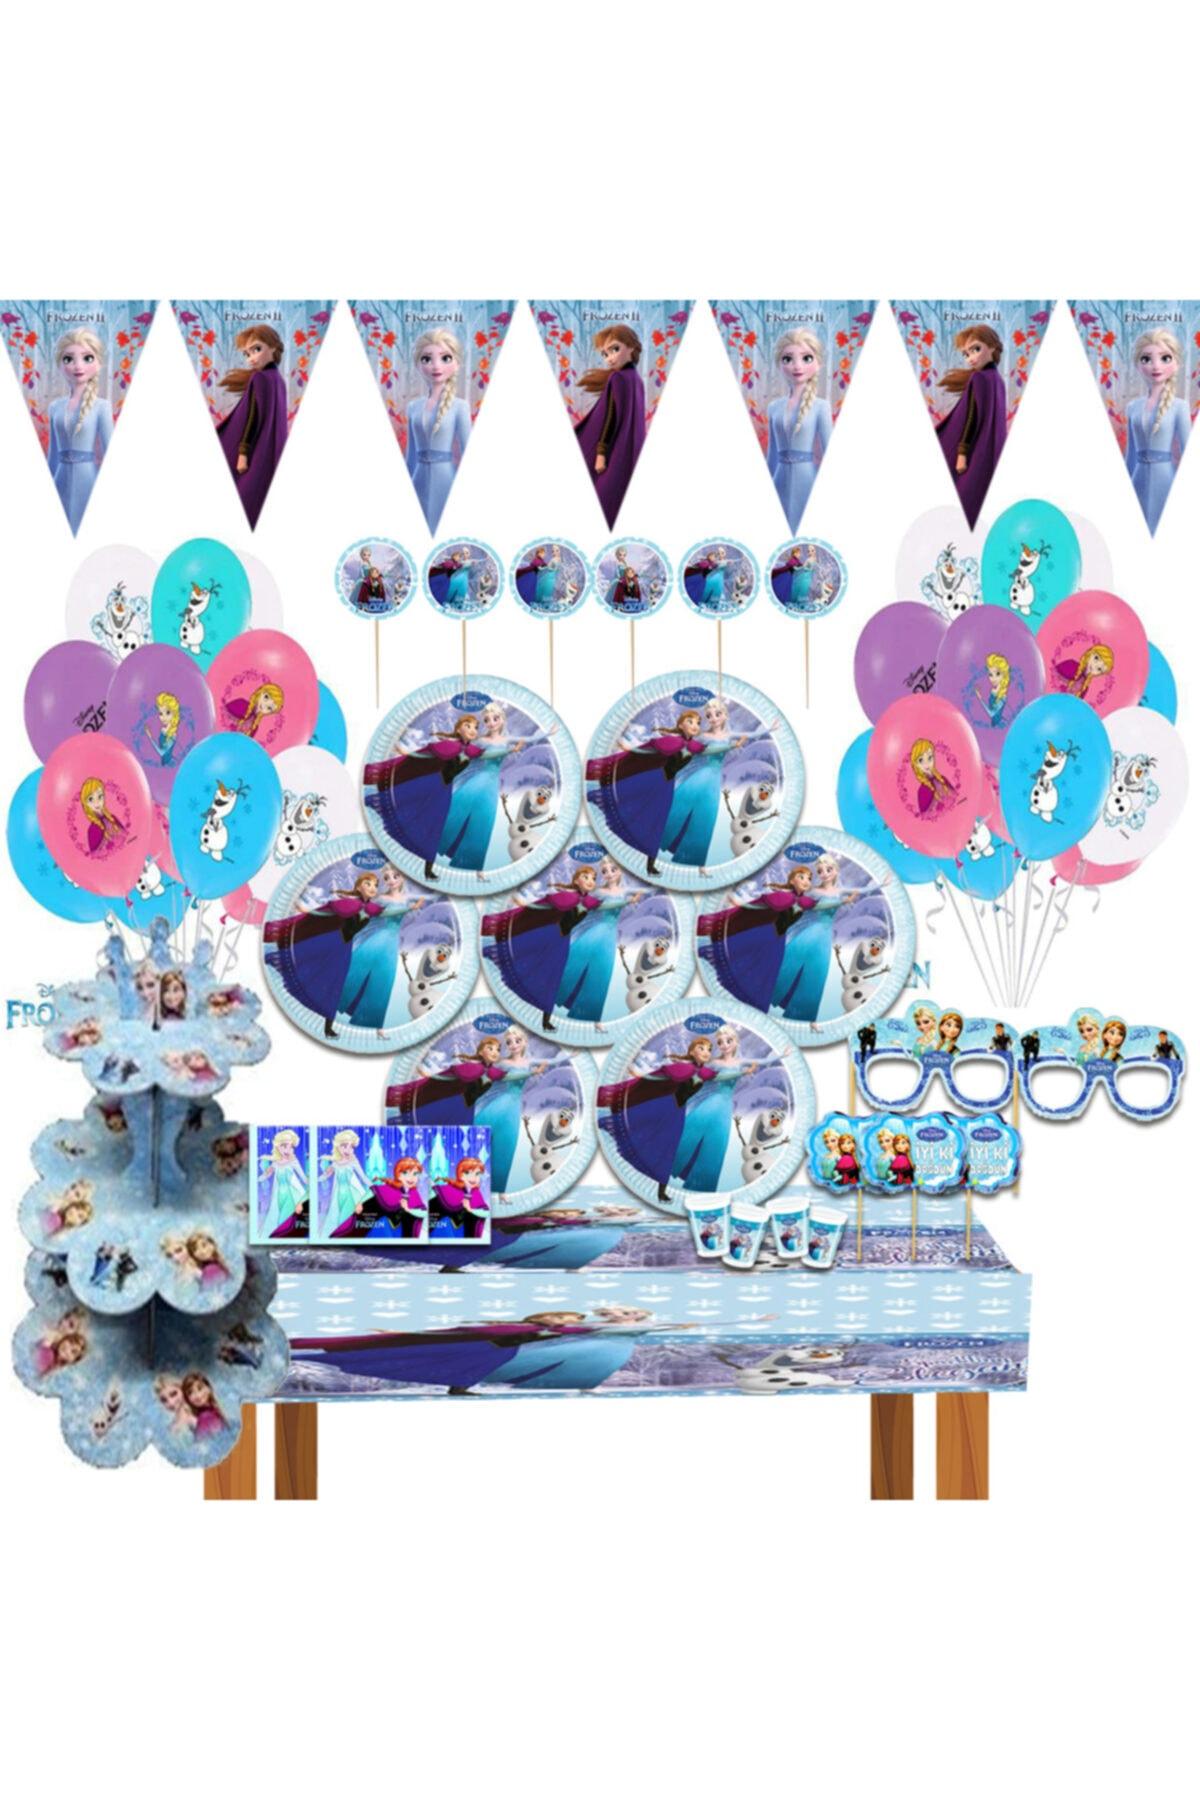 Kek Standlı Frozen Karlar Ülkesi Elsa Doğum Günü Parti Malzemeleri Süsleri Seti 8 Kişilik